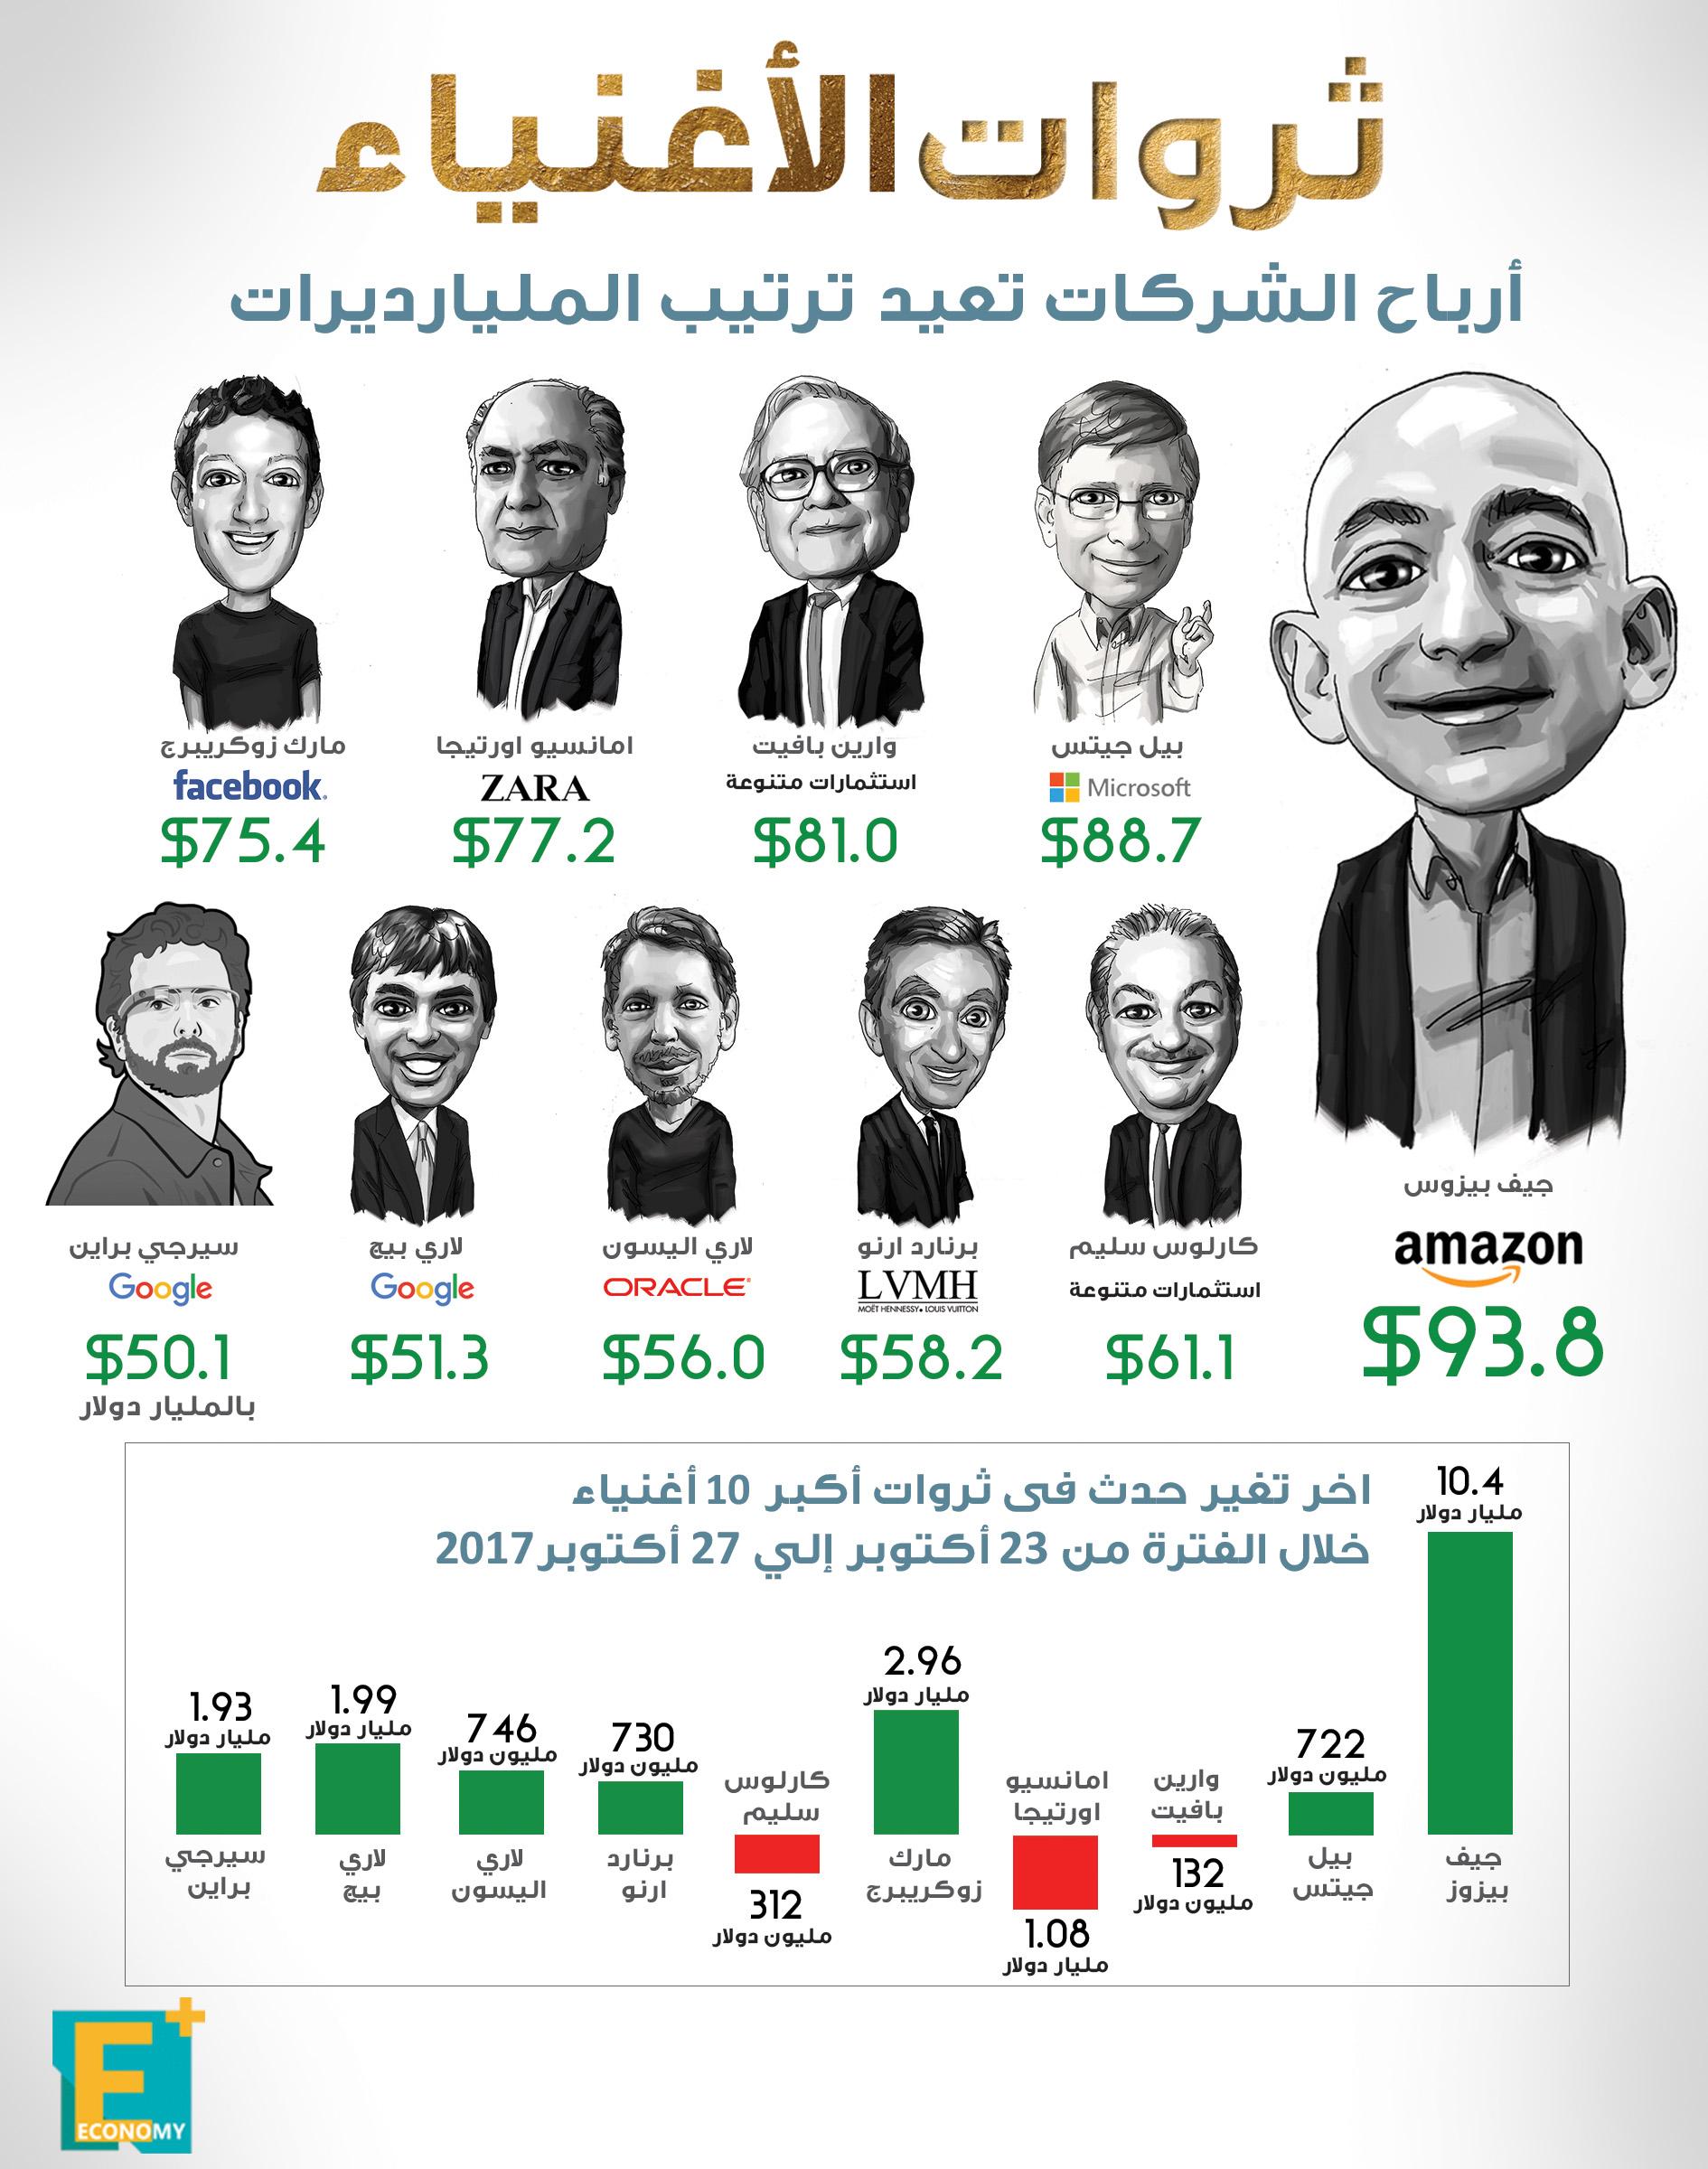 بالأرقام.. تعرف على الترتيب الجديد لأغنياء العالم